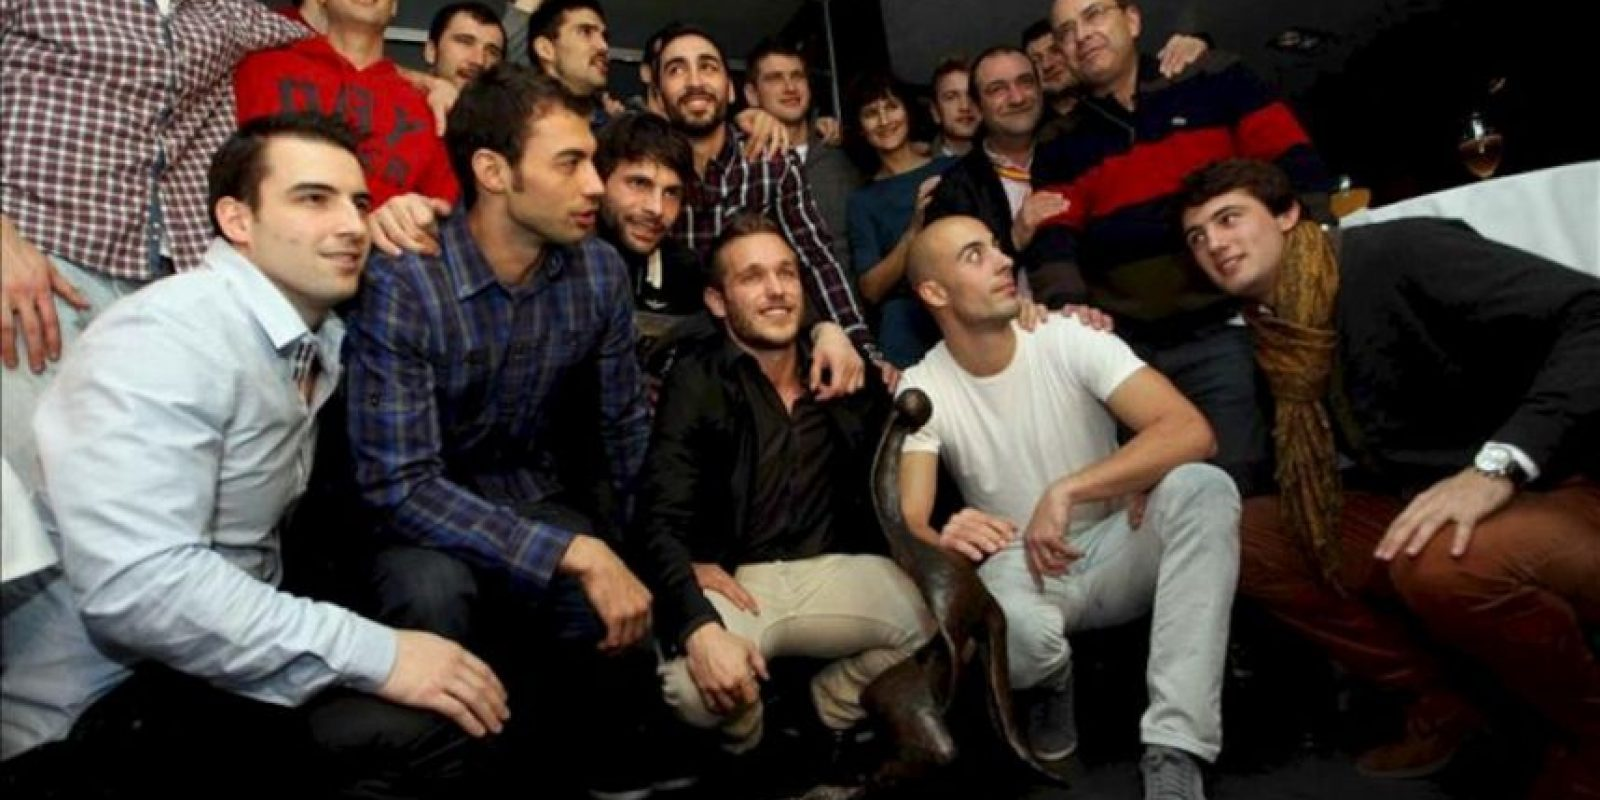 Los jugadores de la selección española de balonmano, posan con el trofeo que les acredita como campeones del mundo 2013, a su llegada a un restaurante de Barcelona, anoche. EFE